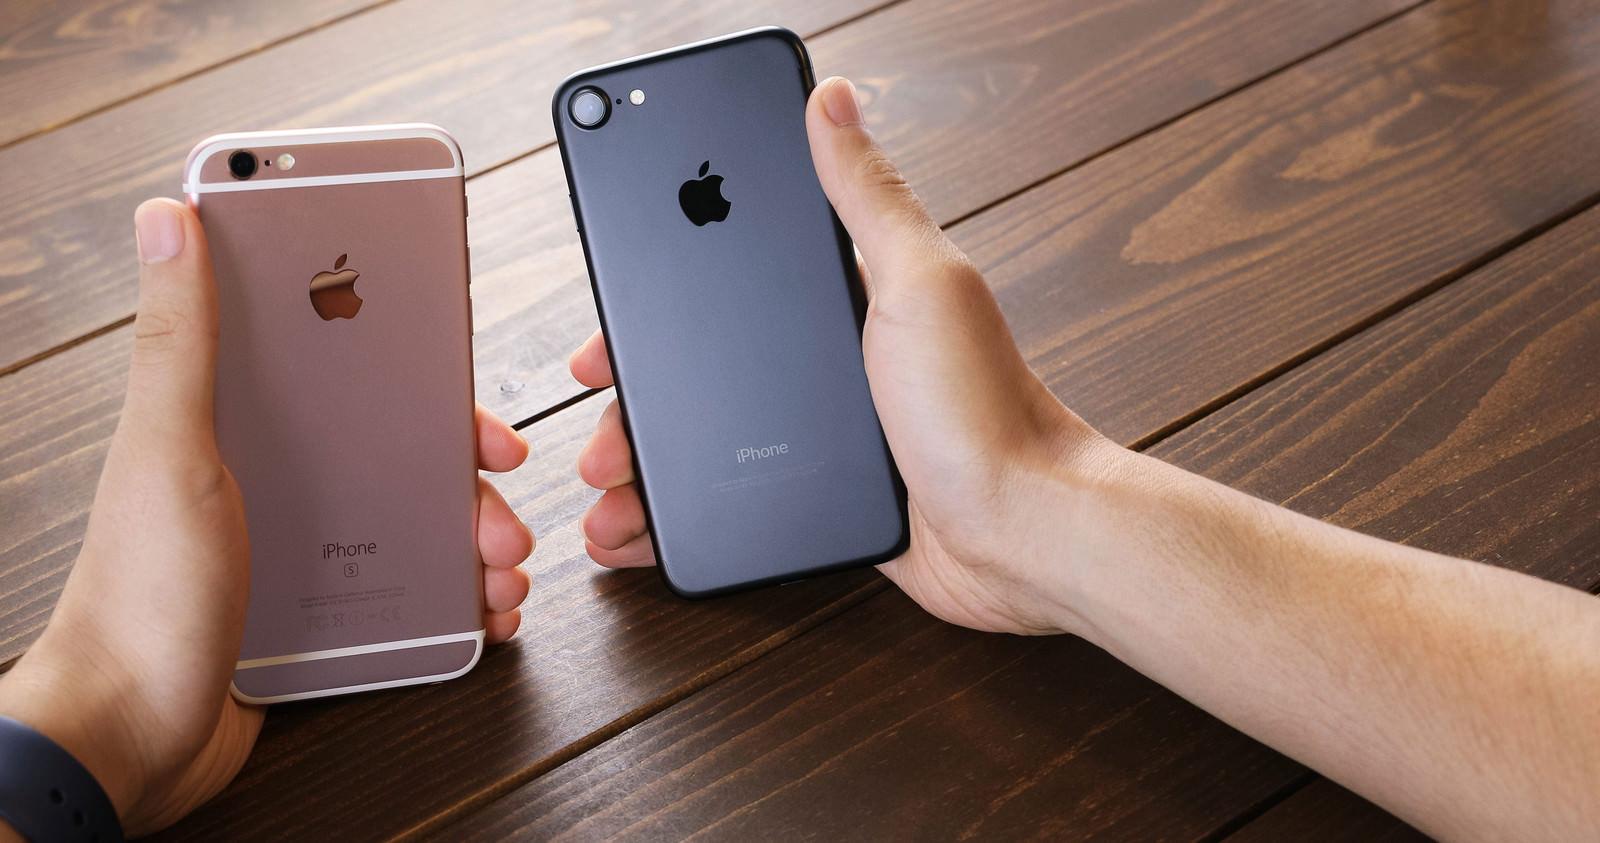 「新しいスマートフォンと実機比較する様子」の写真